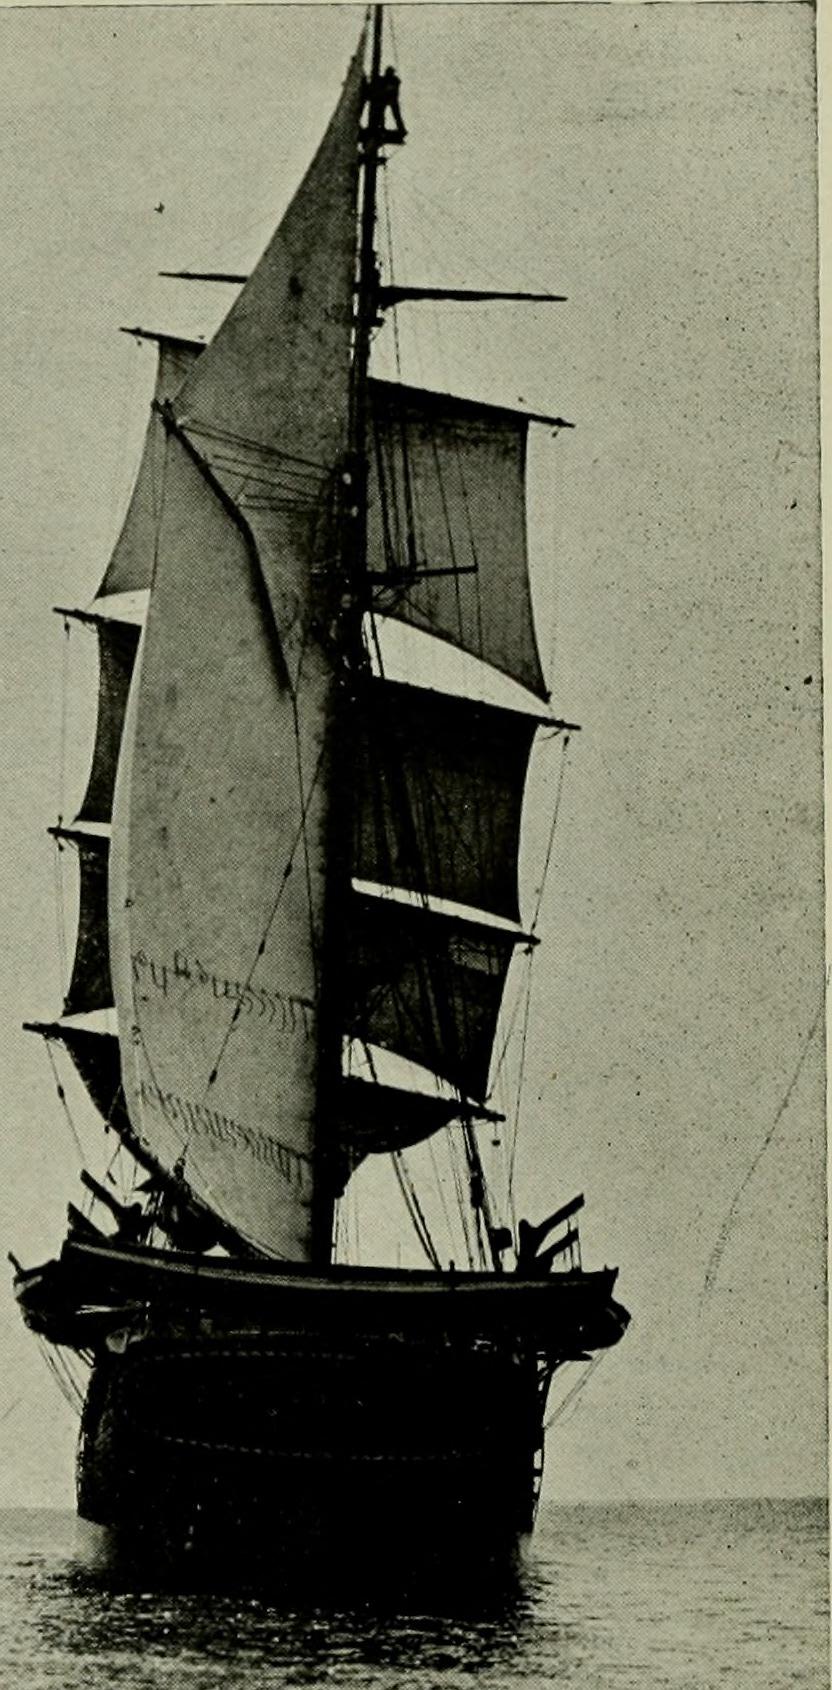 Image of Robert Cushman Murphy from Wikidata